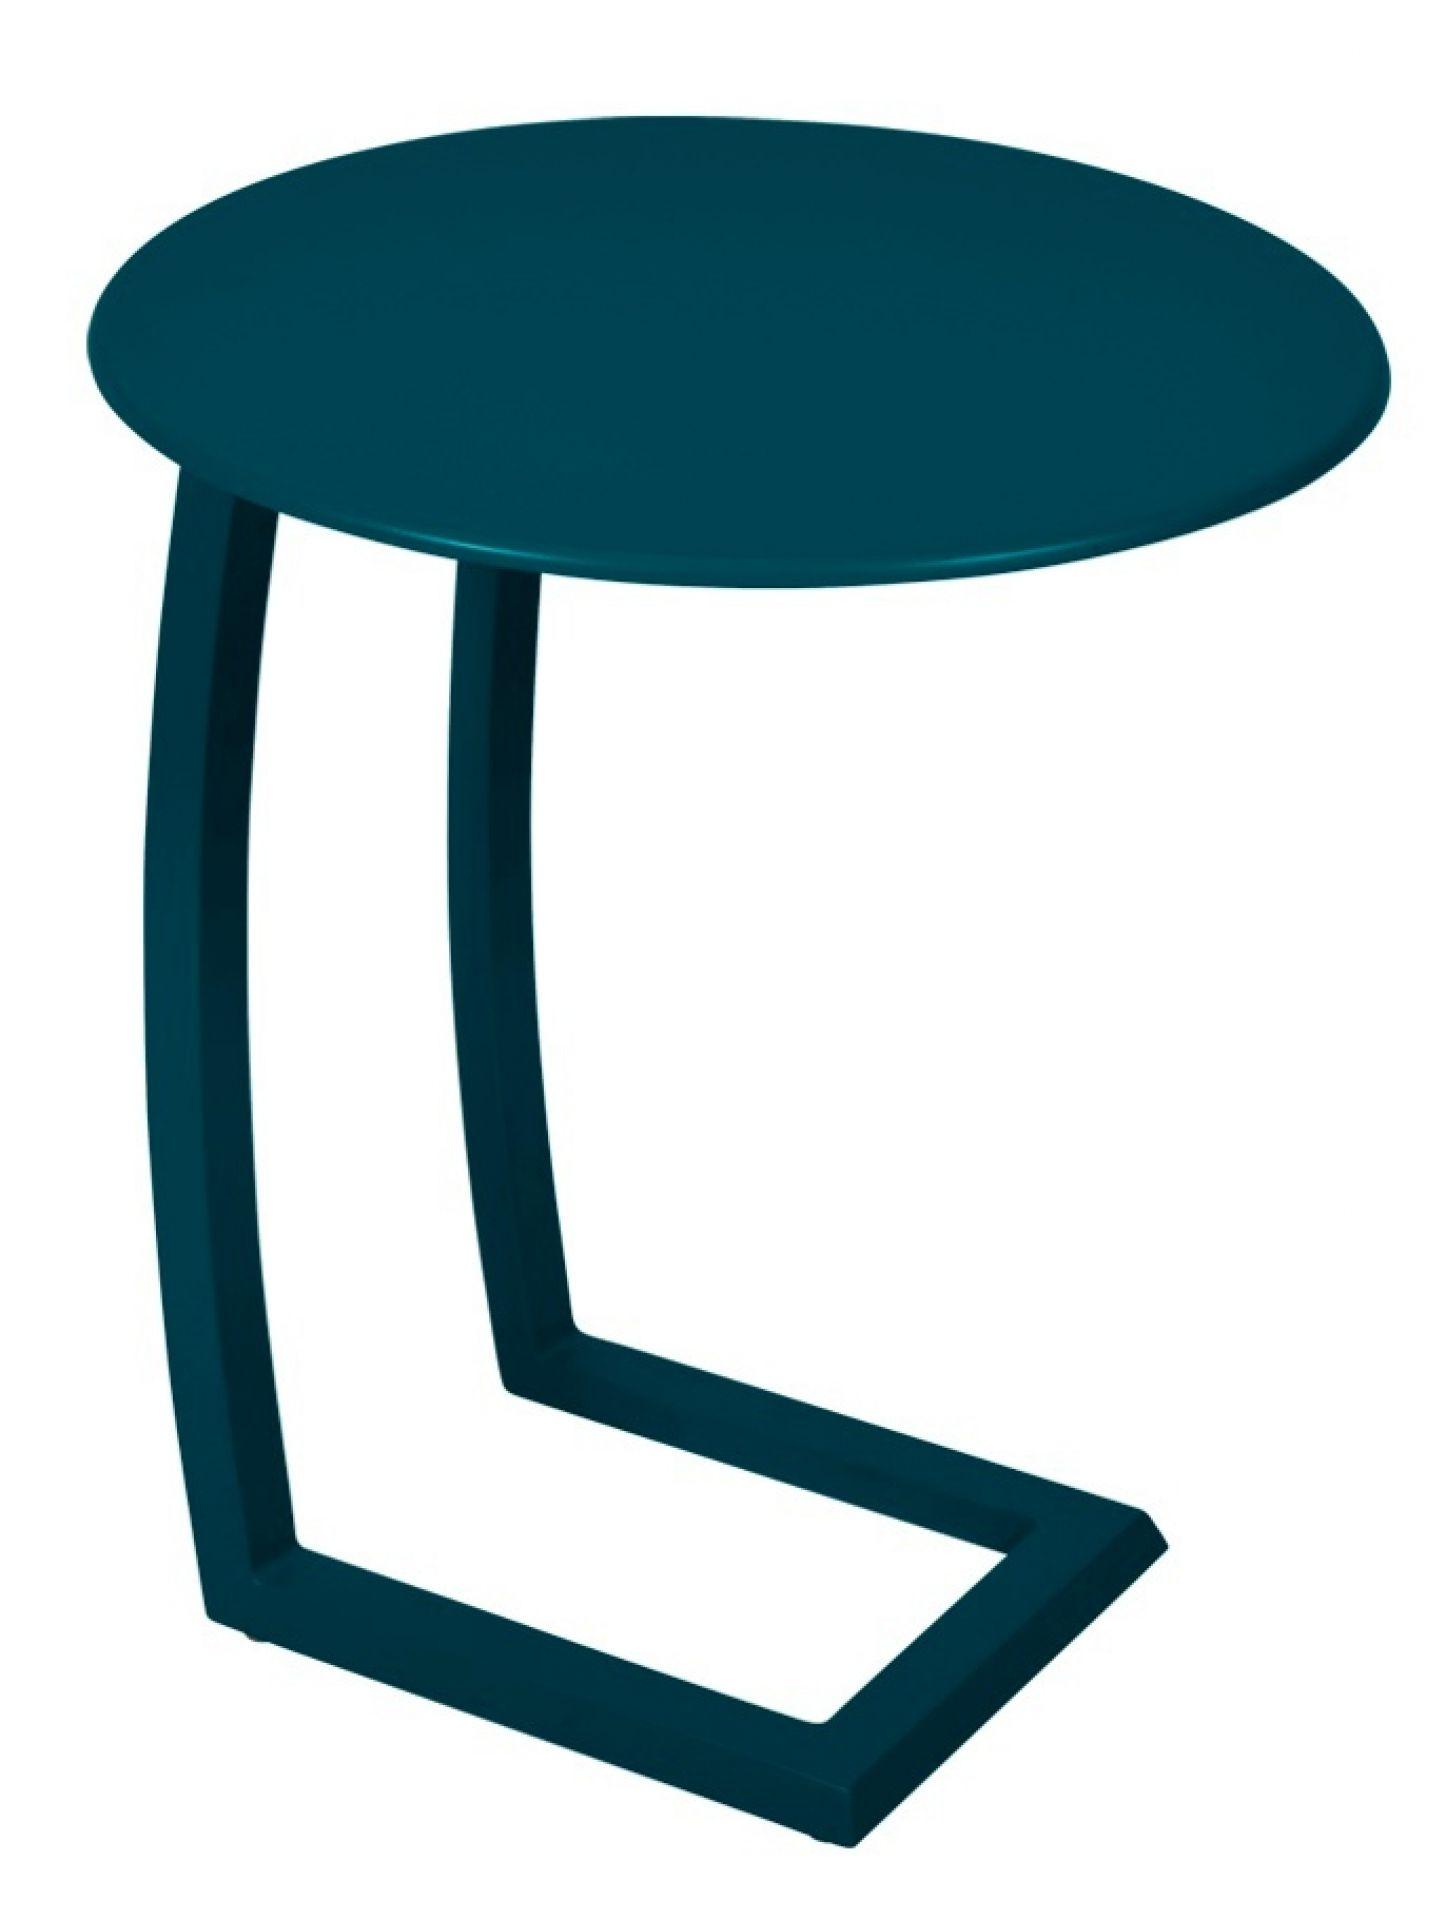 Alizé Outdoor versetzter Niedriger Tisch Fermob